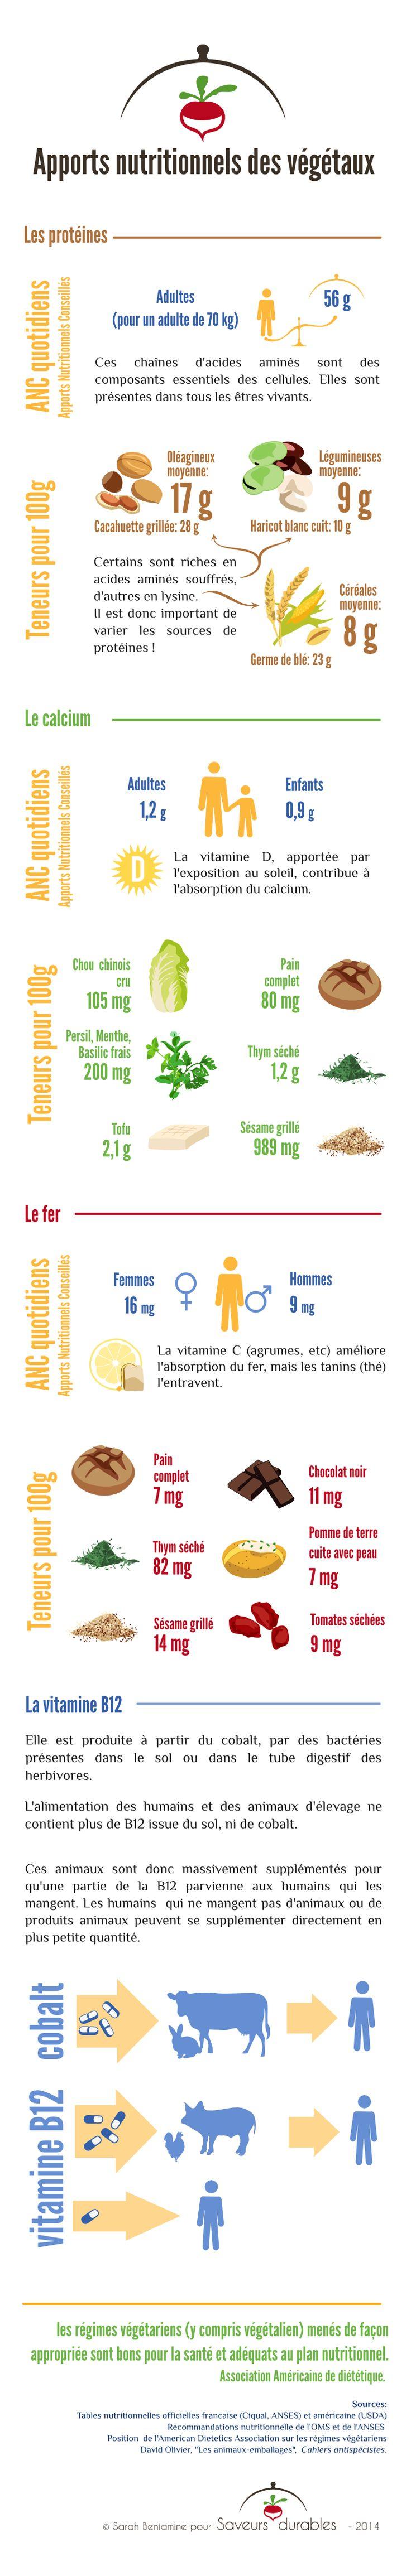 Tableau de valeur nutritive au quotidien vs sources chez les végétaux.